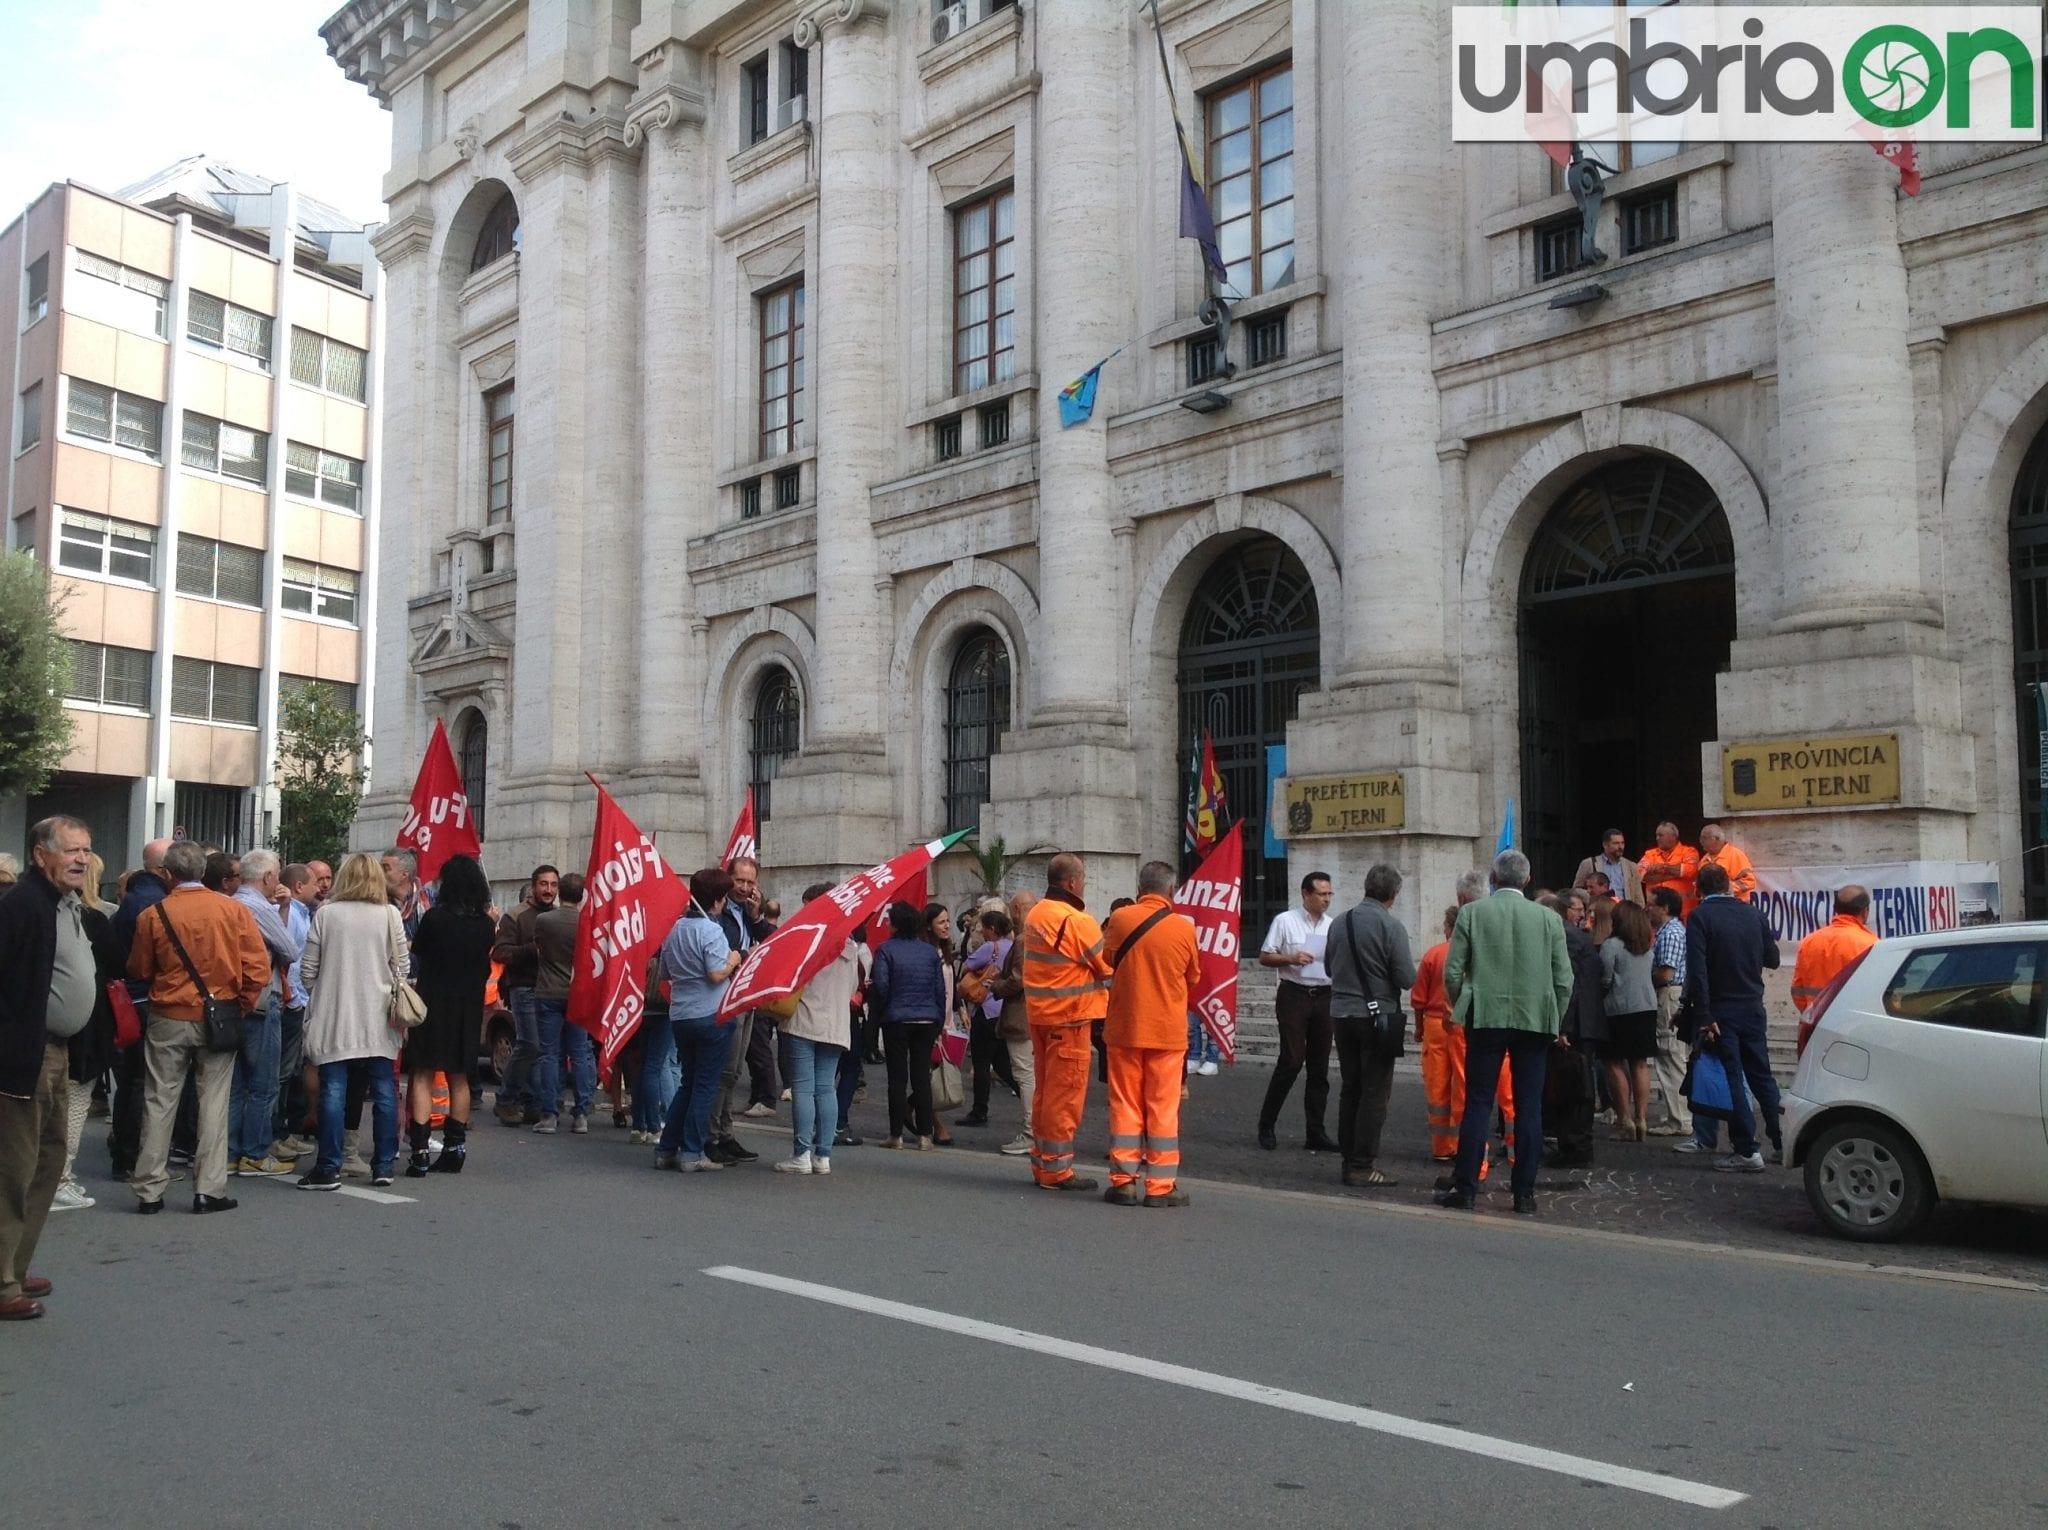 provincia di terni offerte lavoro - photo#49